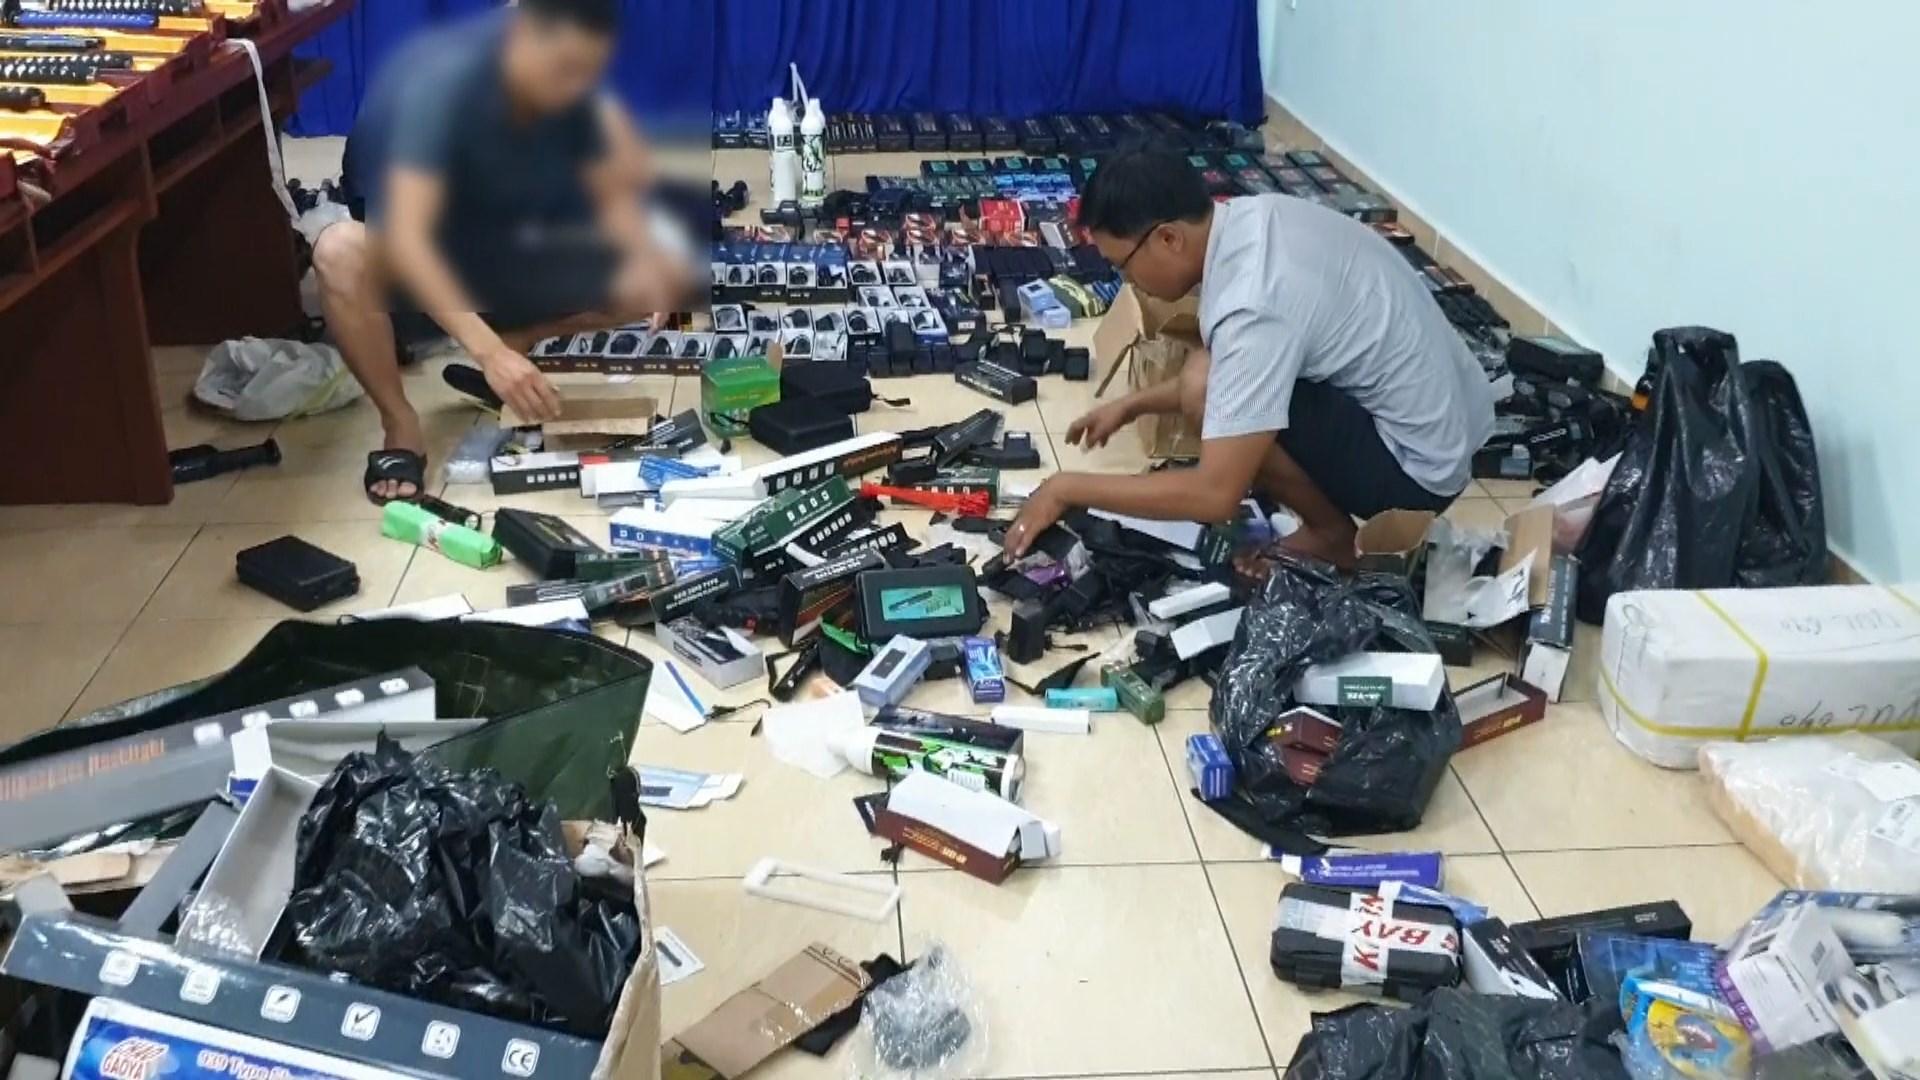 Đánh sập đường dây buôn bán súng, khiếm Nhật 'cực khủng' của hai thanh niên ở Sài Gòn - Ảnh 2